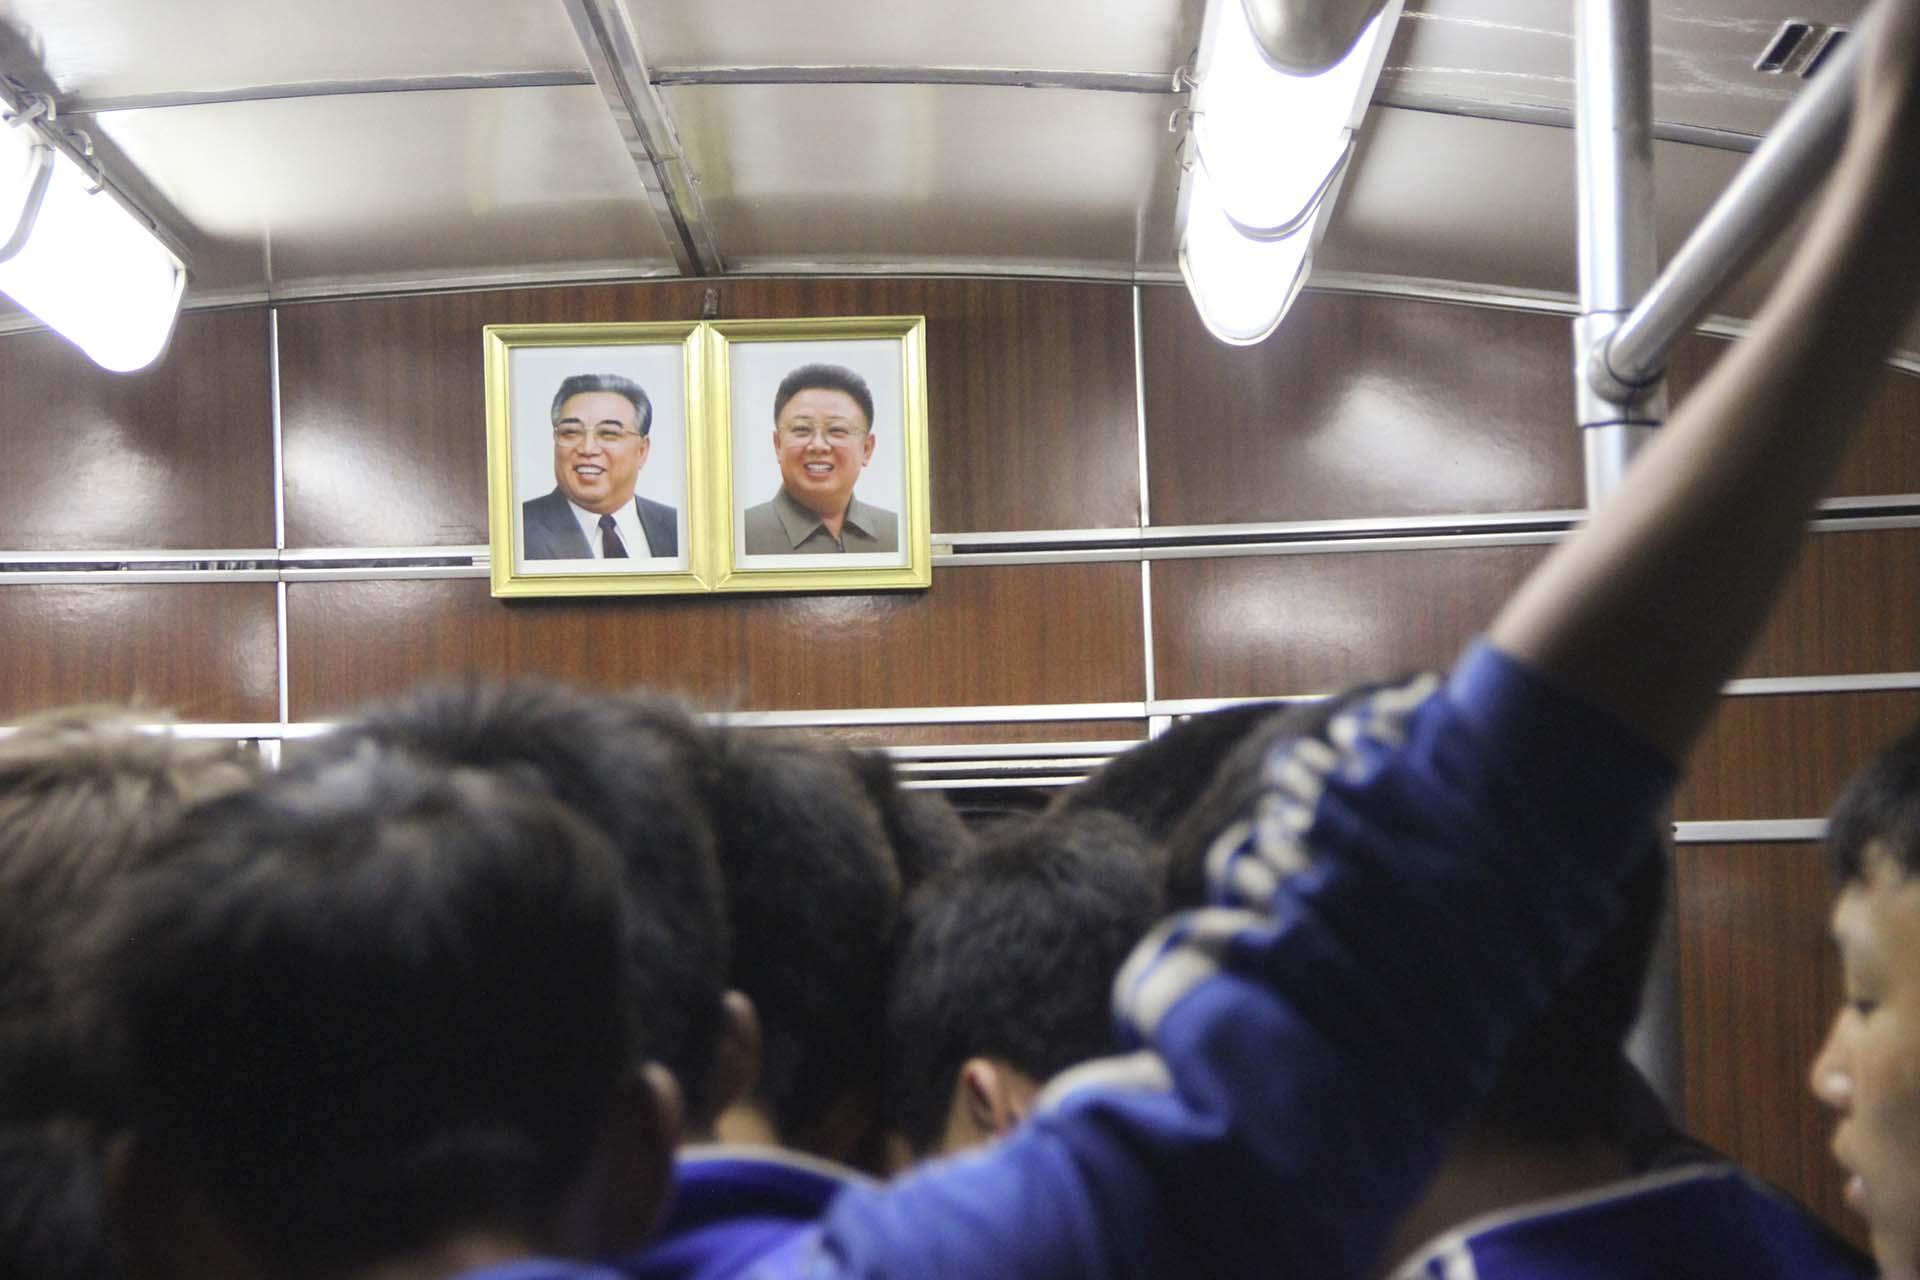 Durante más de veinte años, el subterráneo fue prácticamente un secreto de Estado para cualquier visitante del exterior. Hubo que esperar a septiembre de 2015 para que el gobierno de Kim Jong Un autorizara el acceso de los extranjeros a toda la red. Yo estaba en ese grupo inaugural; la apertura total del subterráneo secreto era la razón por la que había elegido ese momento y no otro para viajar a Pyongyang